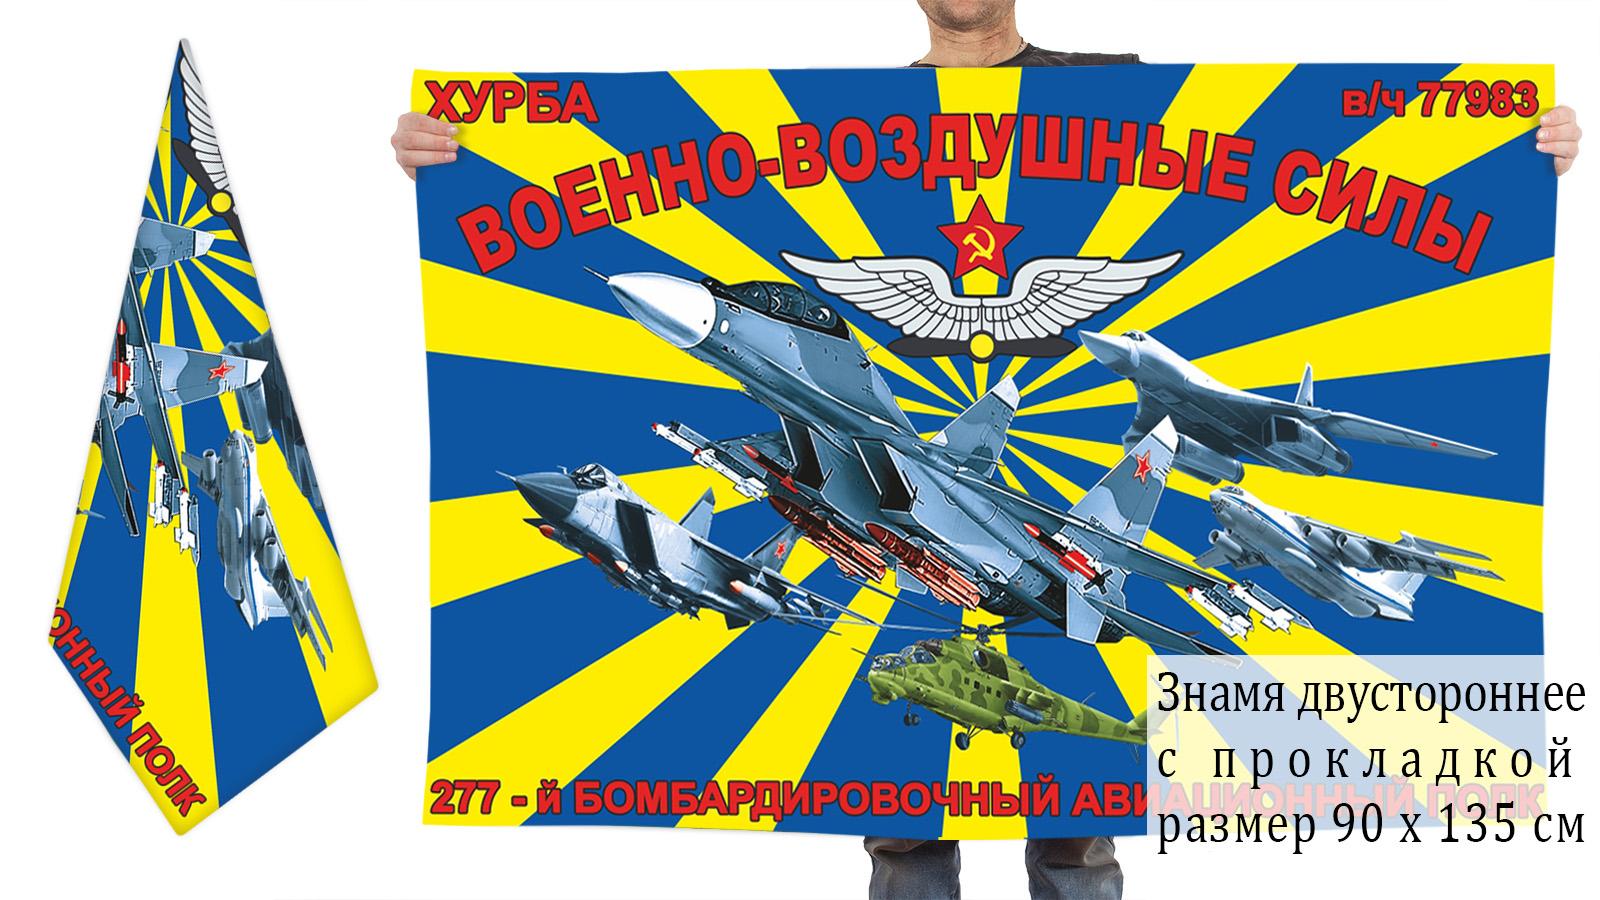 Двусторонний флаг 277 бомбардировочного авиаполка